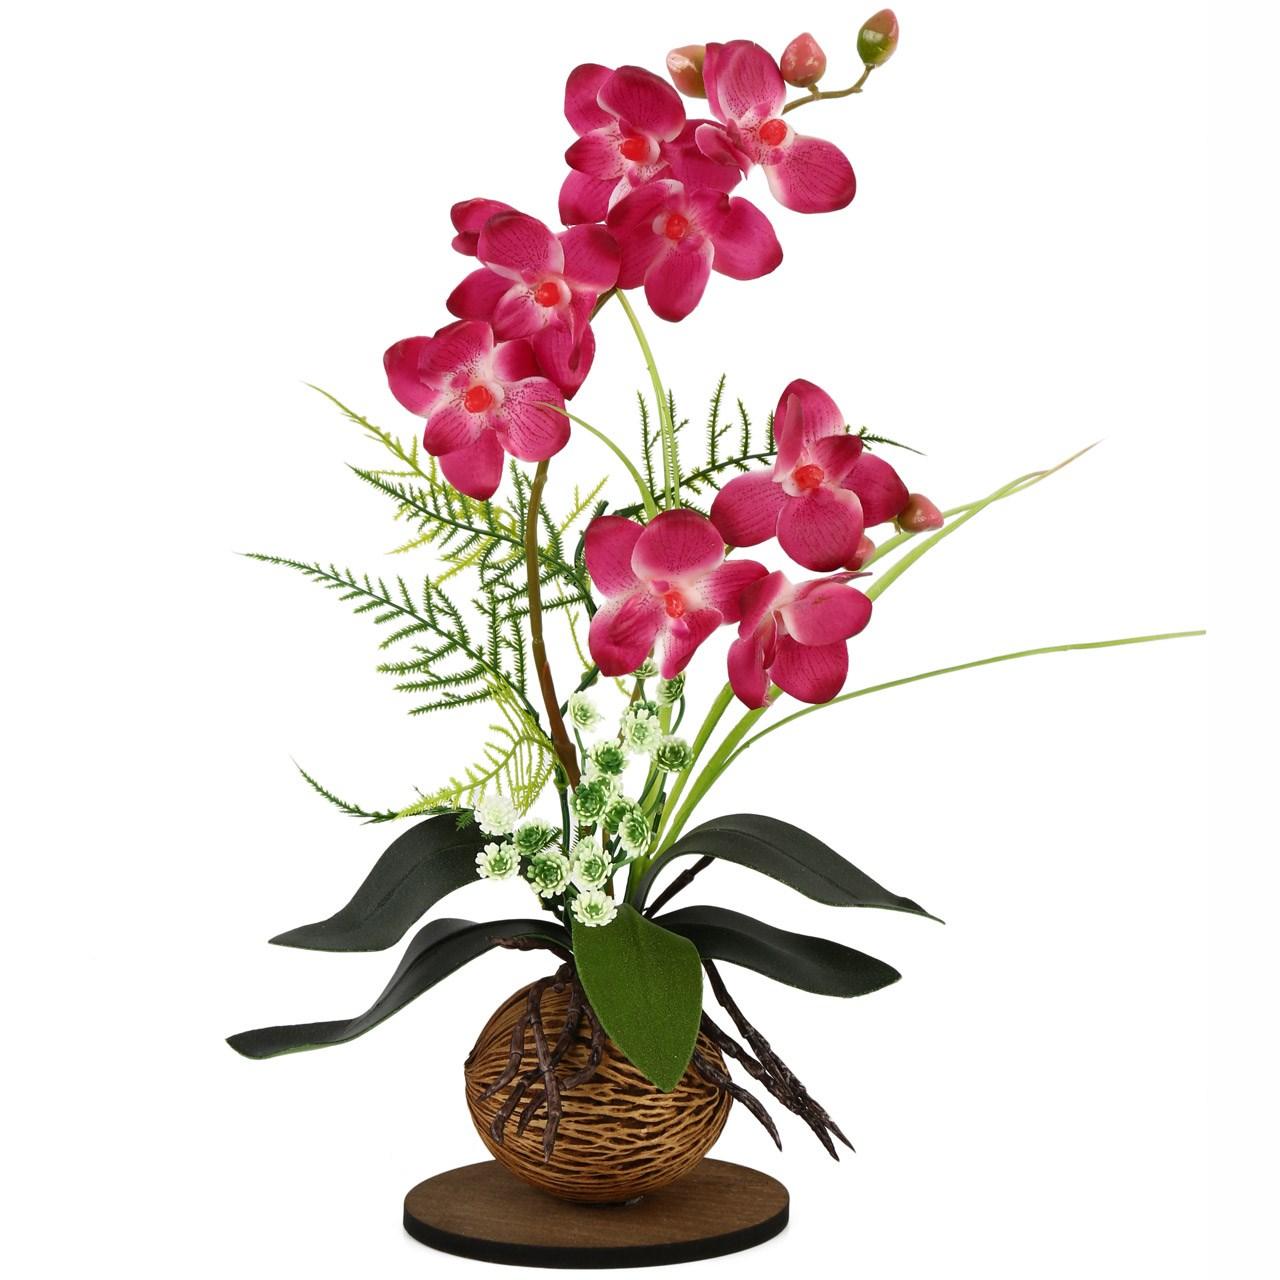 گلدان به همراه گل مصنوعی هومز طرح ارکیده مدل 22191